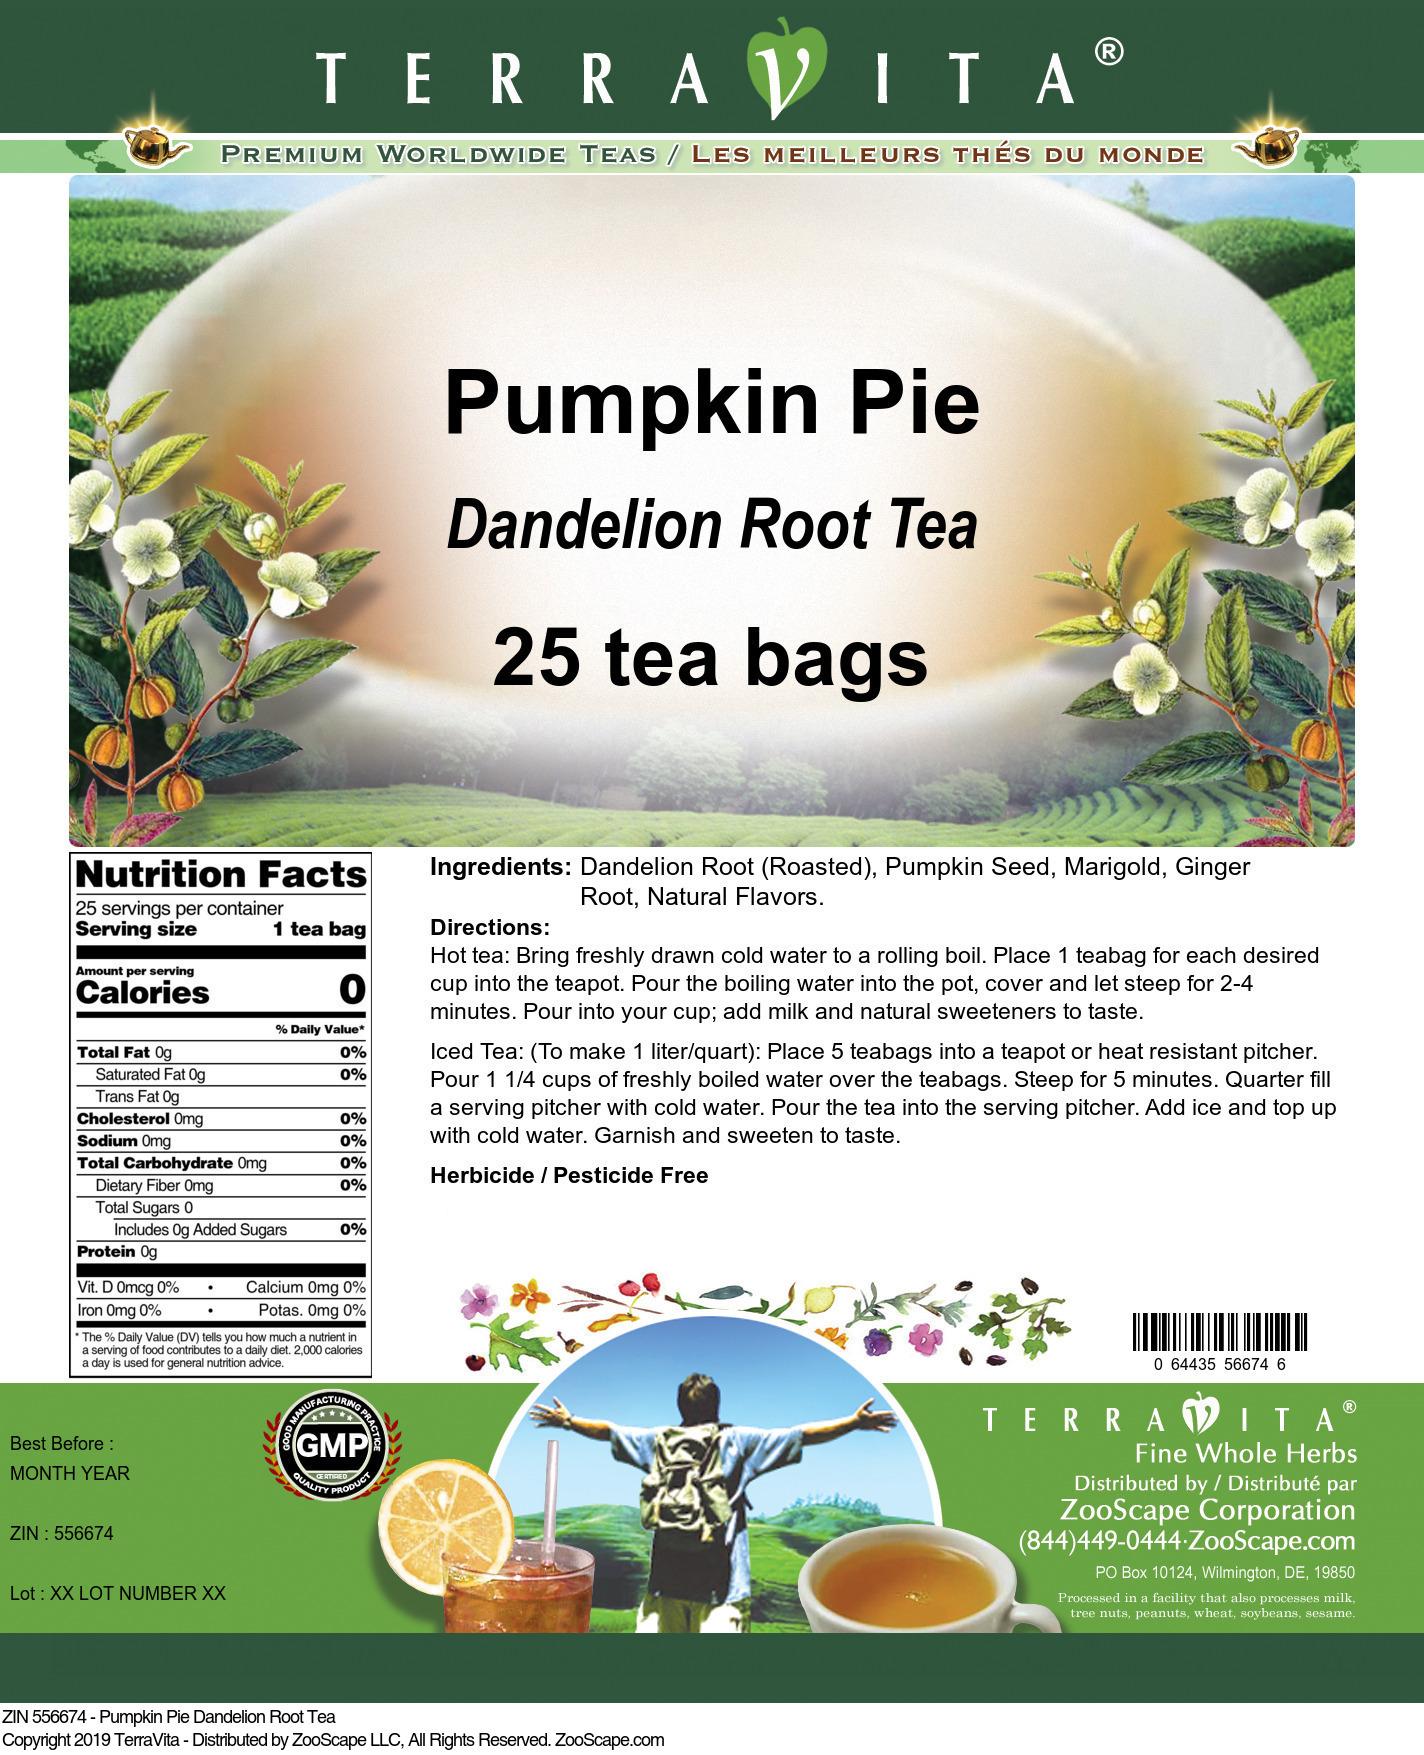 Pumpkin Pie Dandelion Root